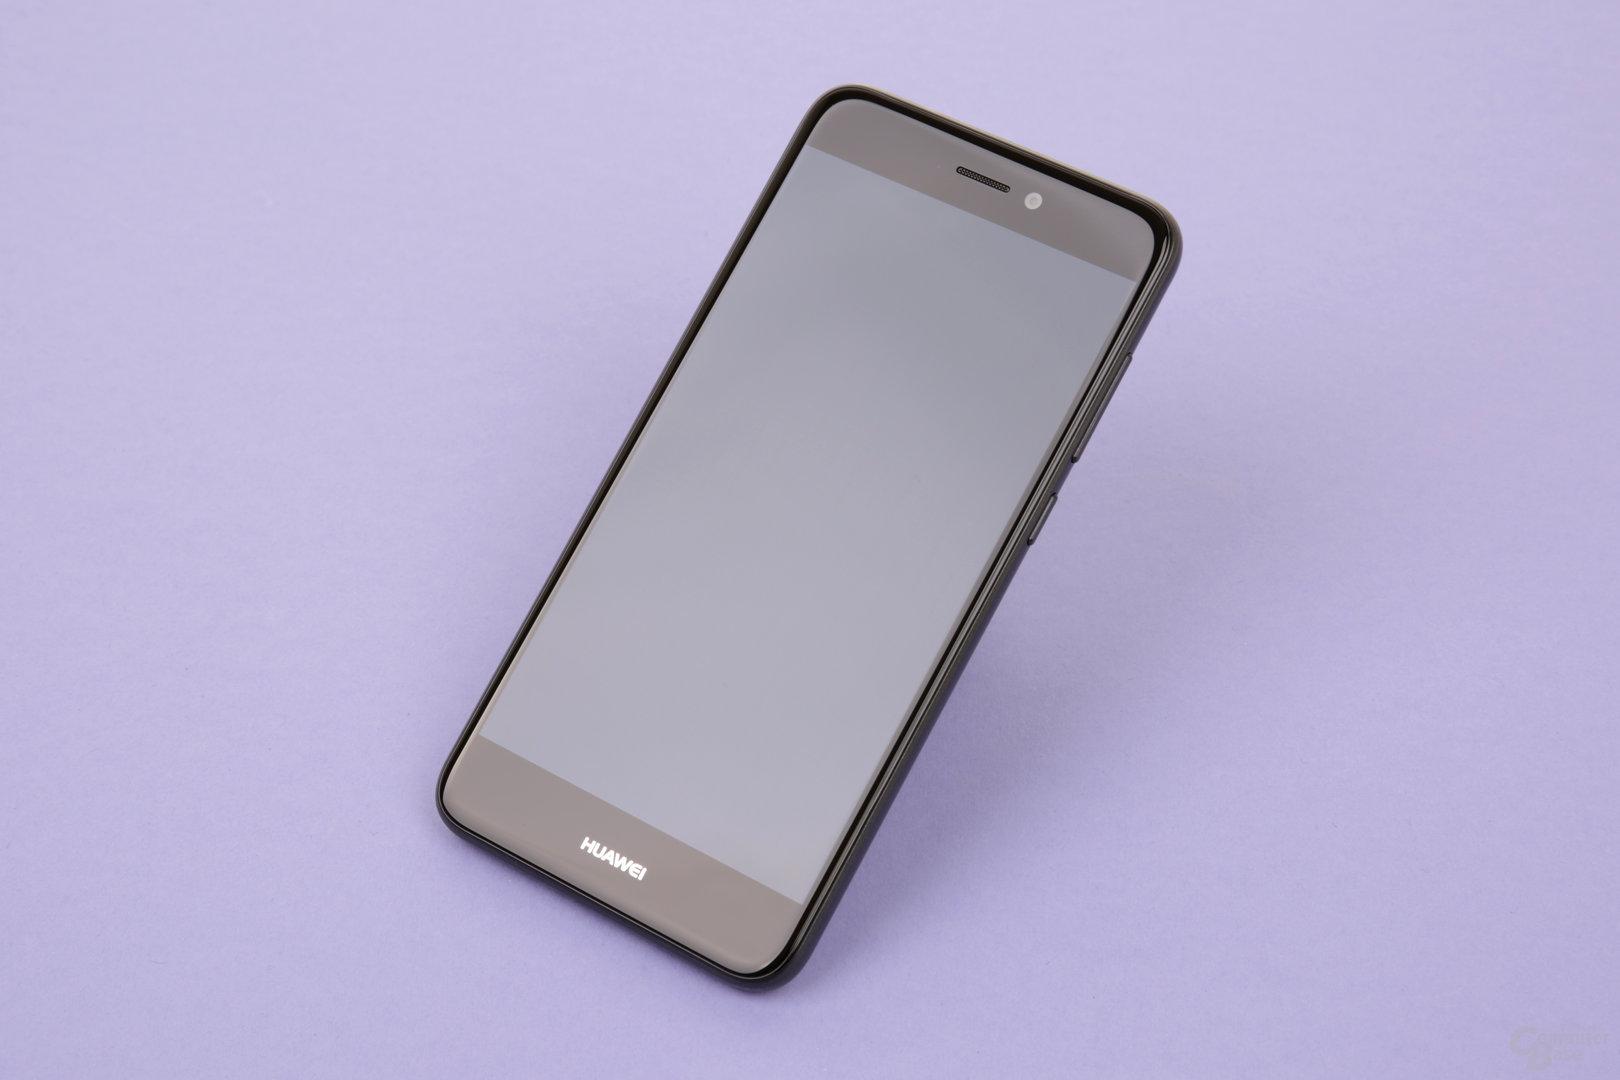 Schlichte Vorderseite mit abgerundetem Glas und Huawei-Logo